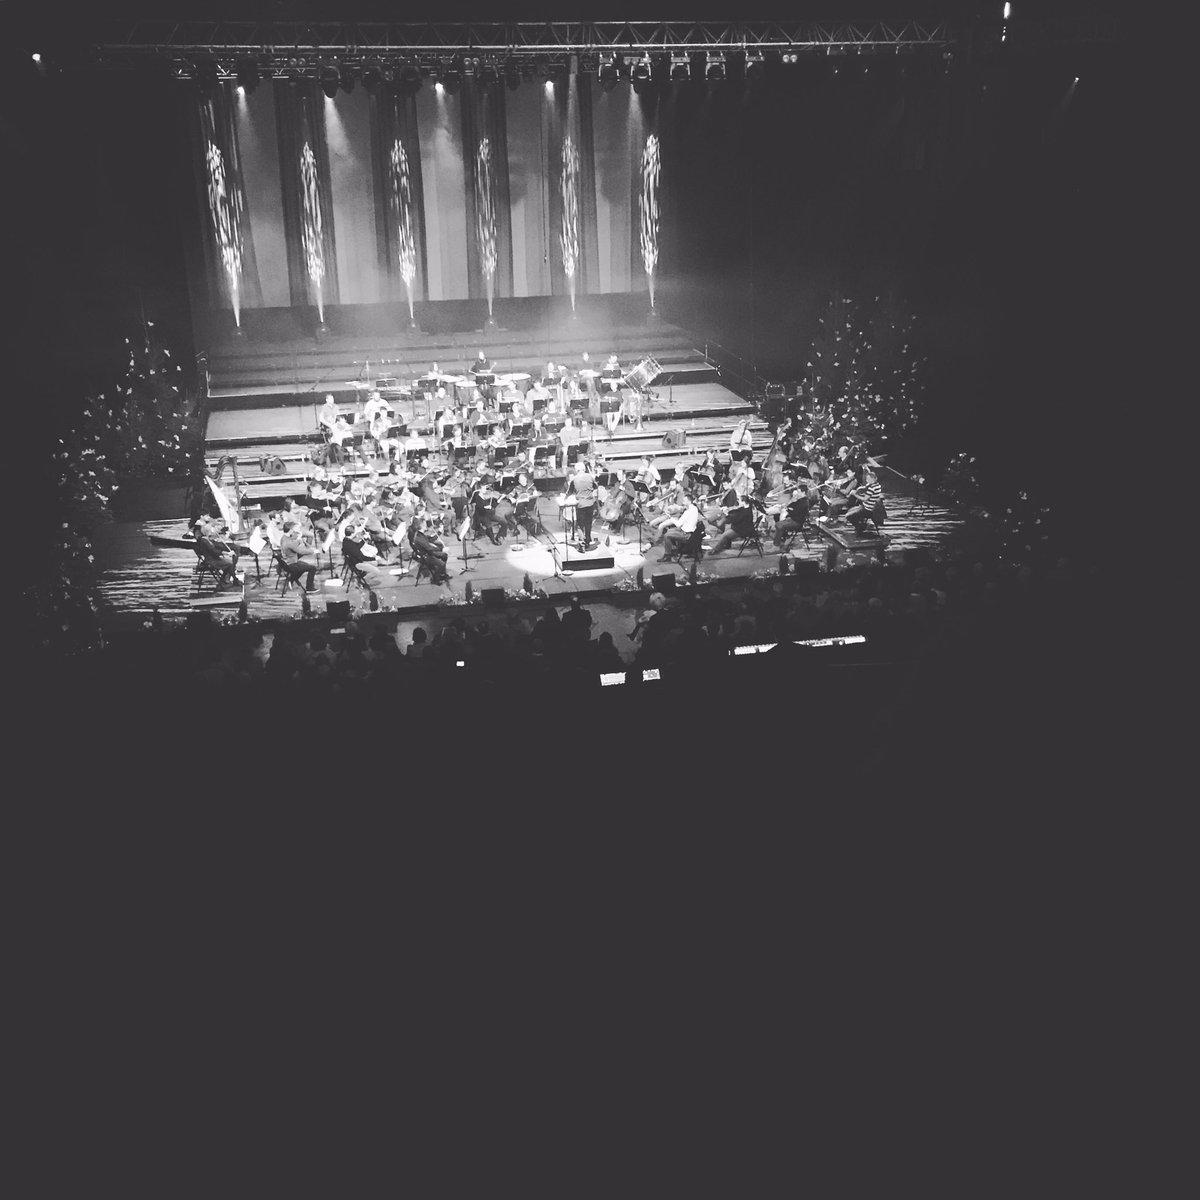 Répétition générale de l&#39;#OPPB dirigé par #FayçalKaroui ! Magnifique ! #Pau #orchestra #familytime<br>http://pic.twitter.com/gyTWlzoAdX